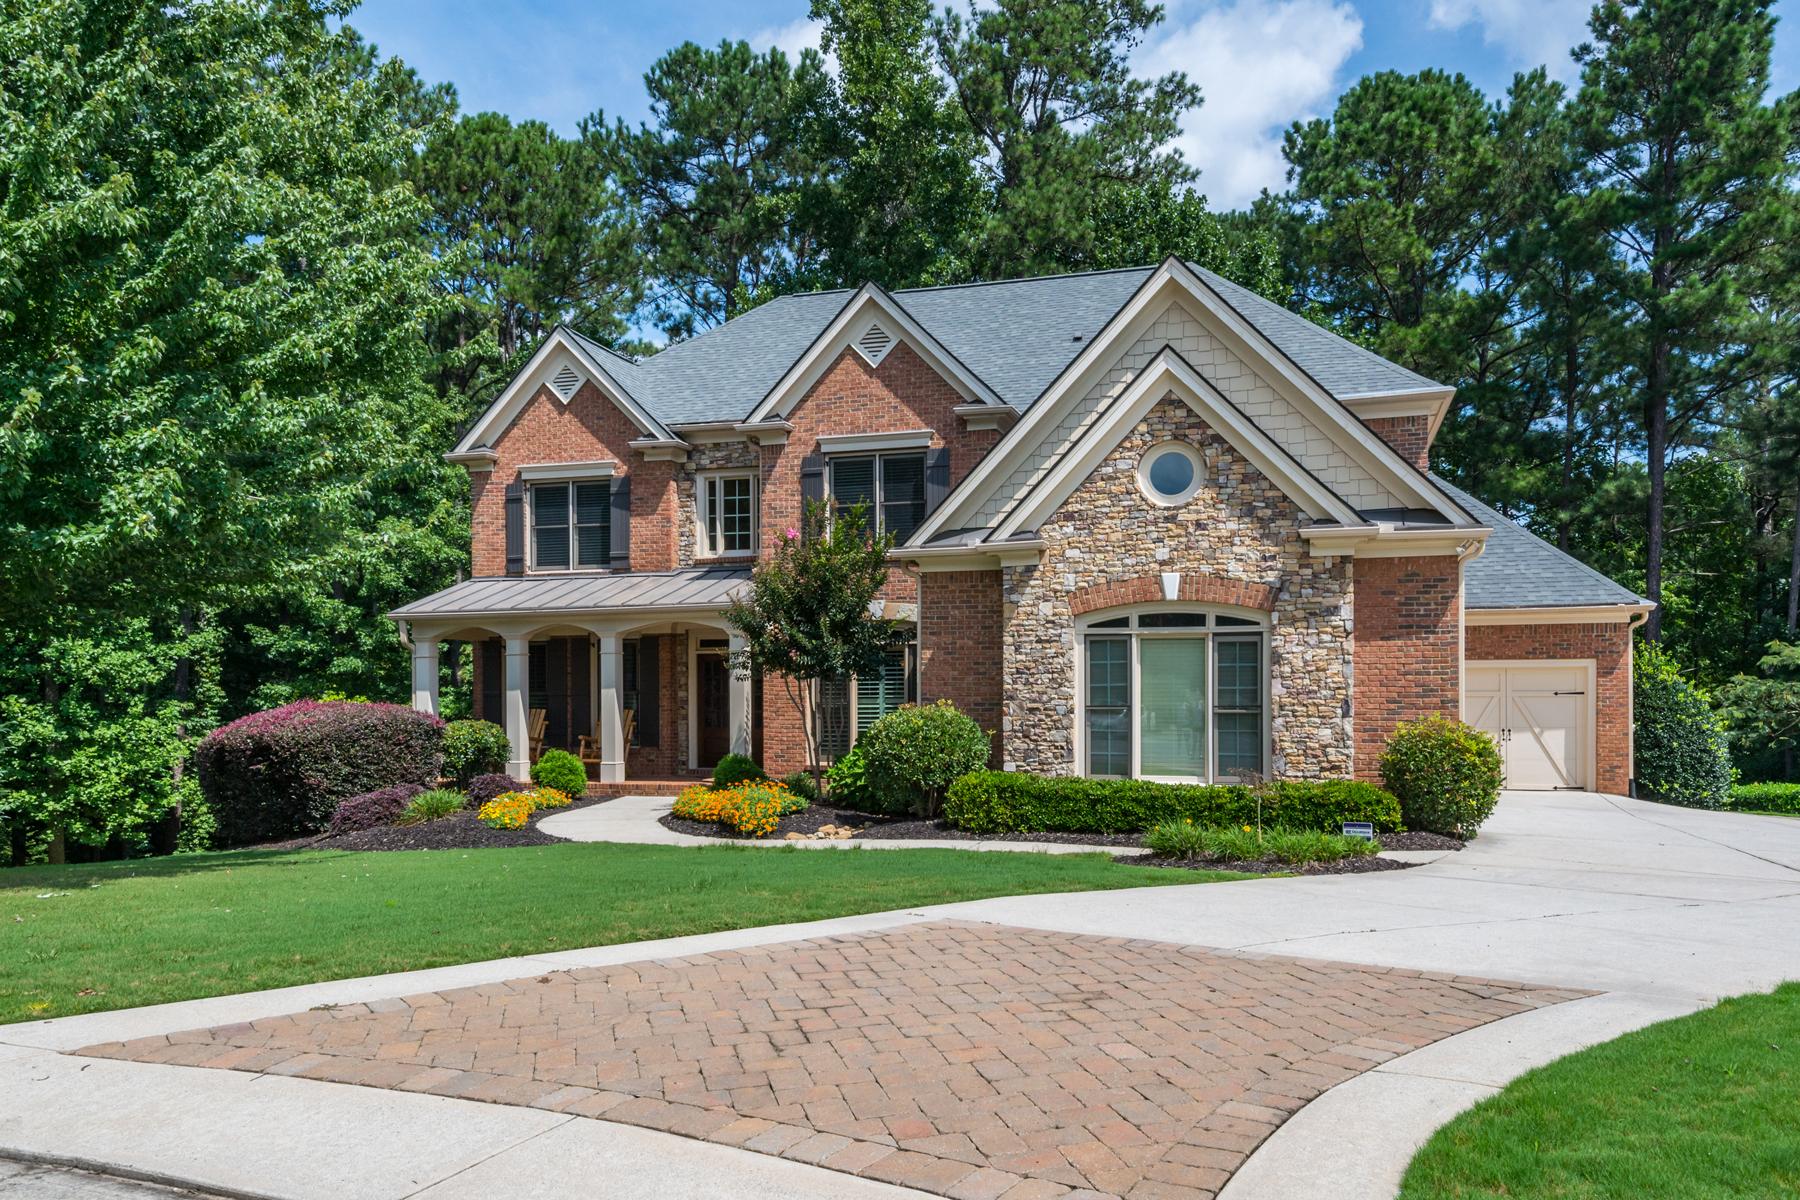 Maison unifamiliale pour l Vente à 214 Fernwood Place Woodstock, Georgia, 30188 États-Unis